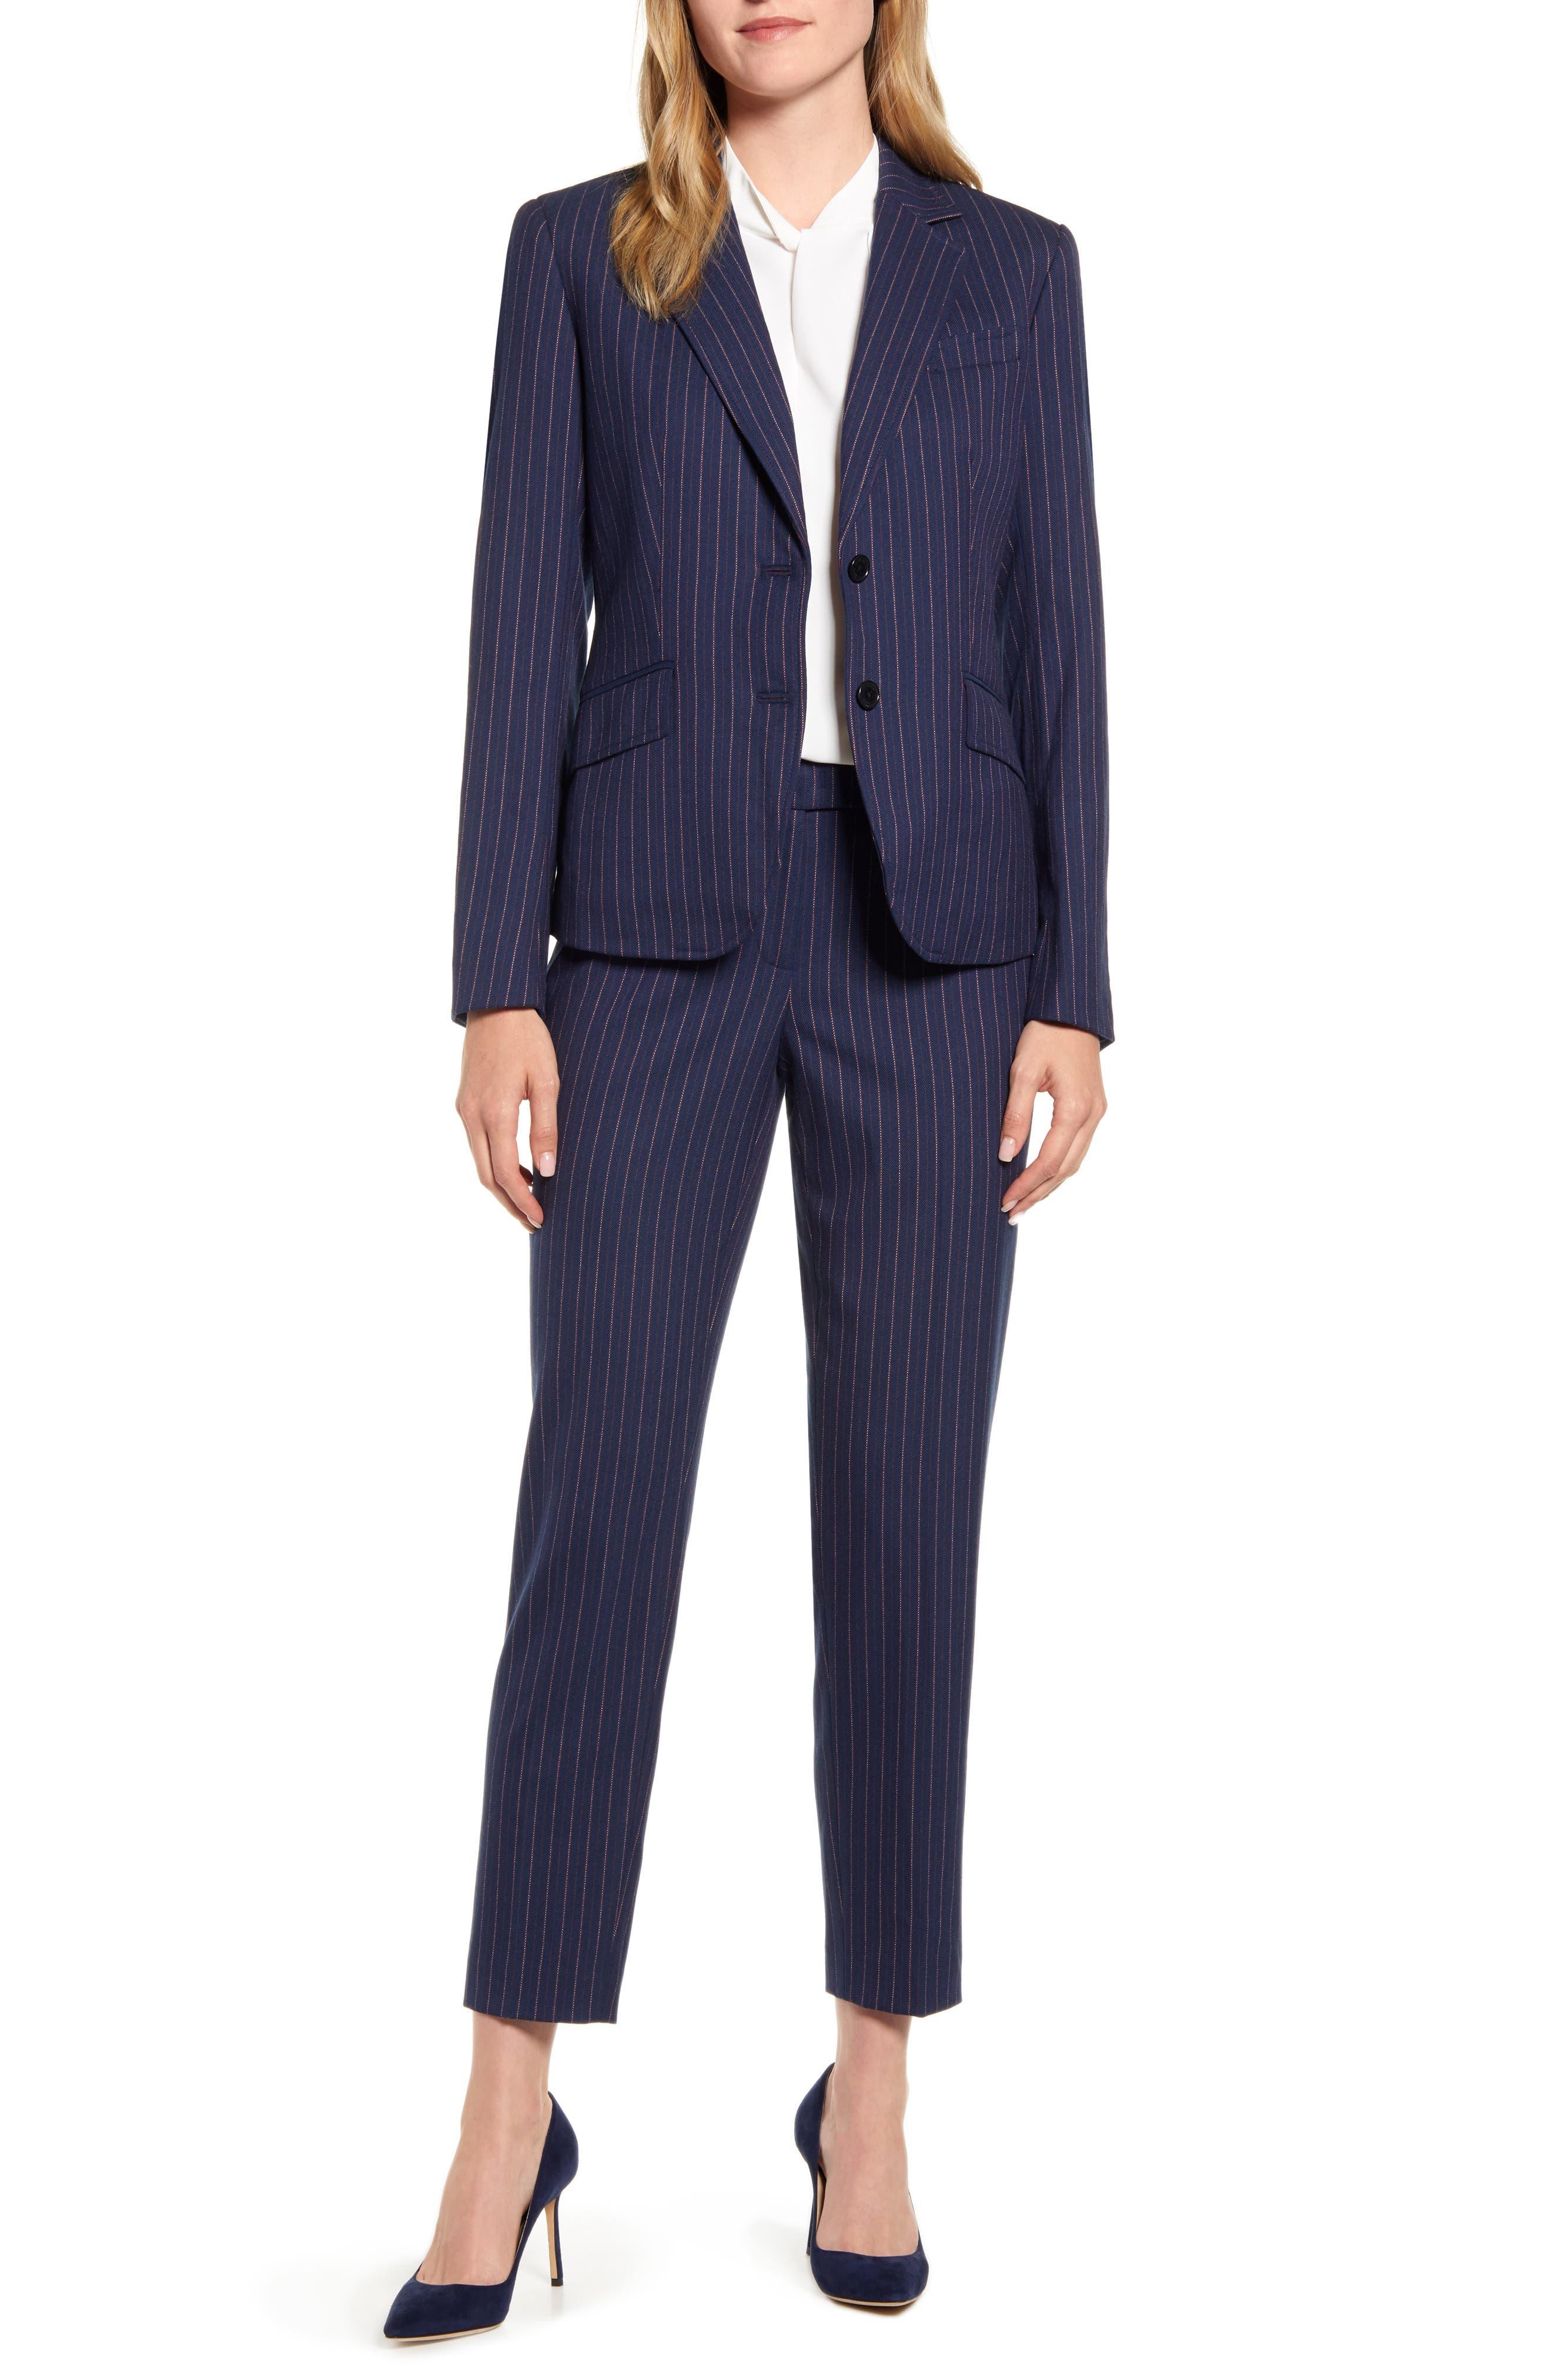 Anne Klein Nested Pinstripe Suit